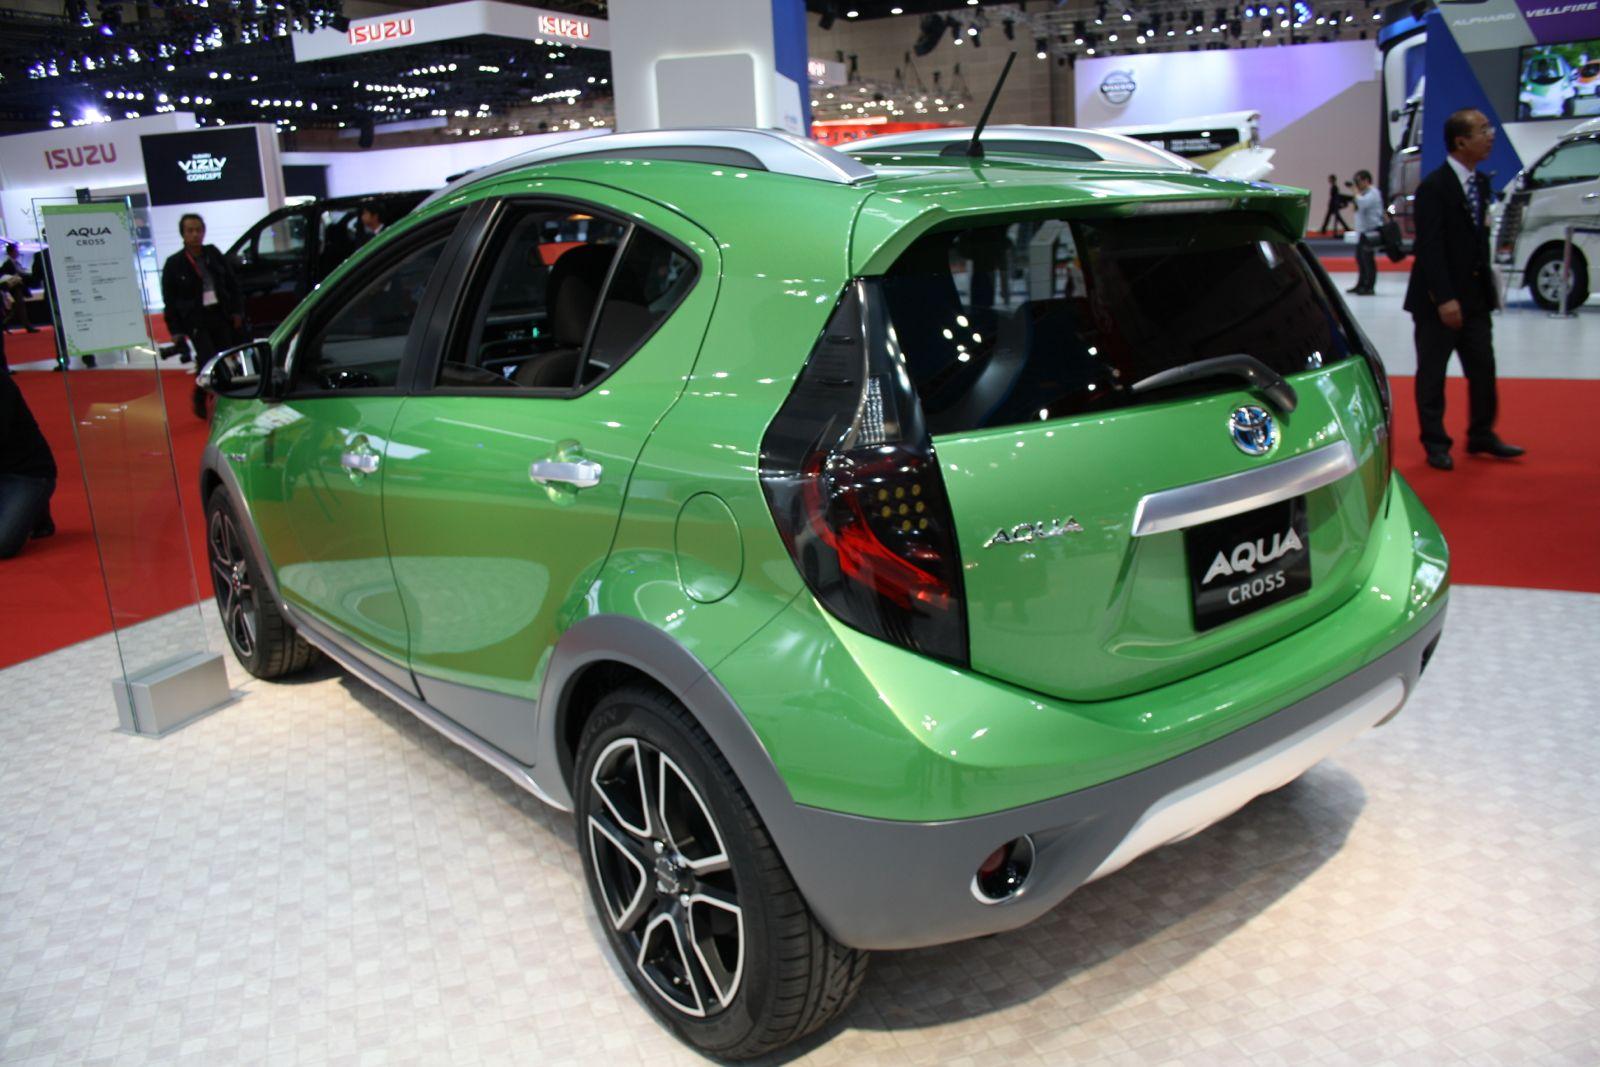 Toyota Aqua Cross rear quarter